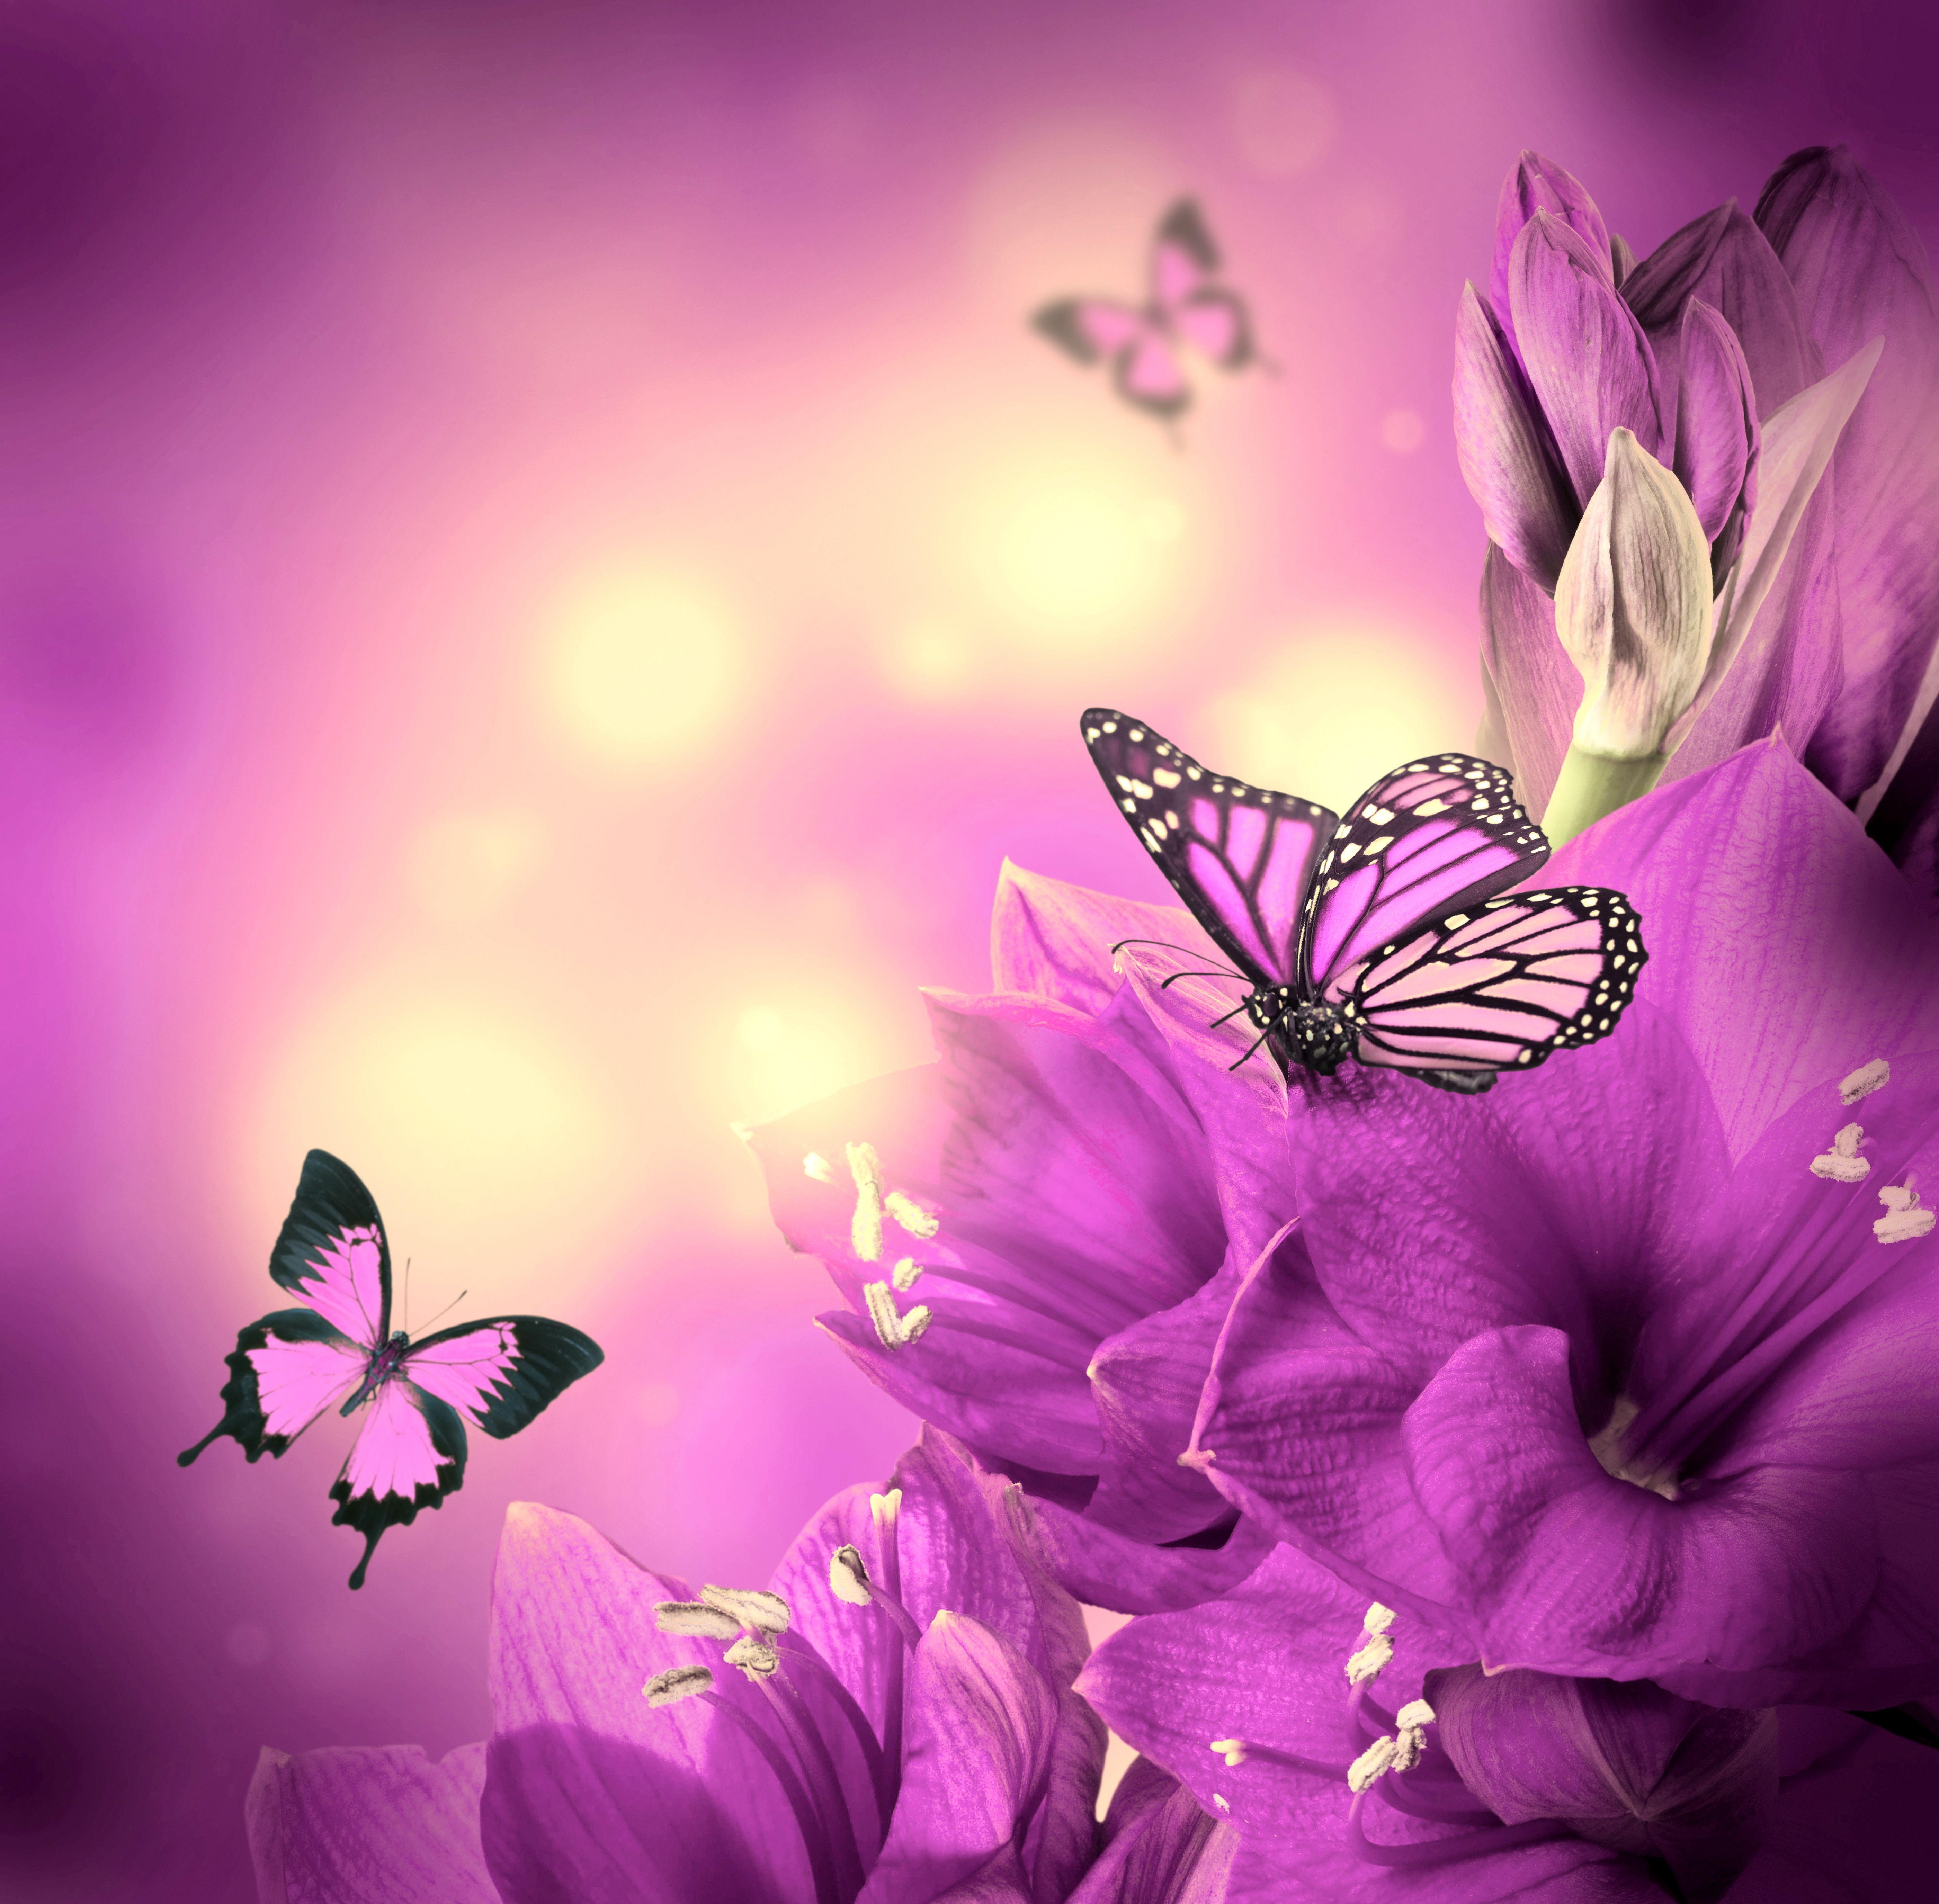 Purple Flowers Desktop Background Wallpaper Free